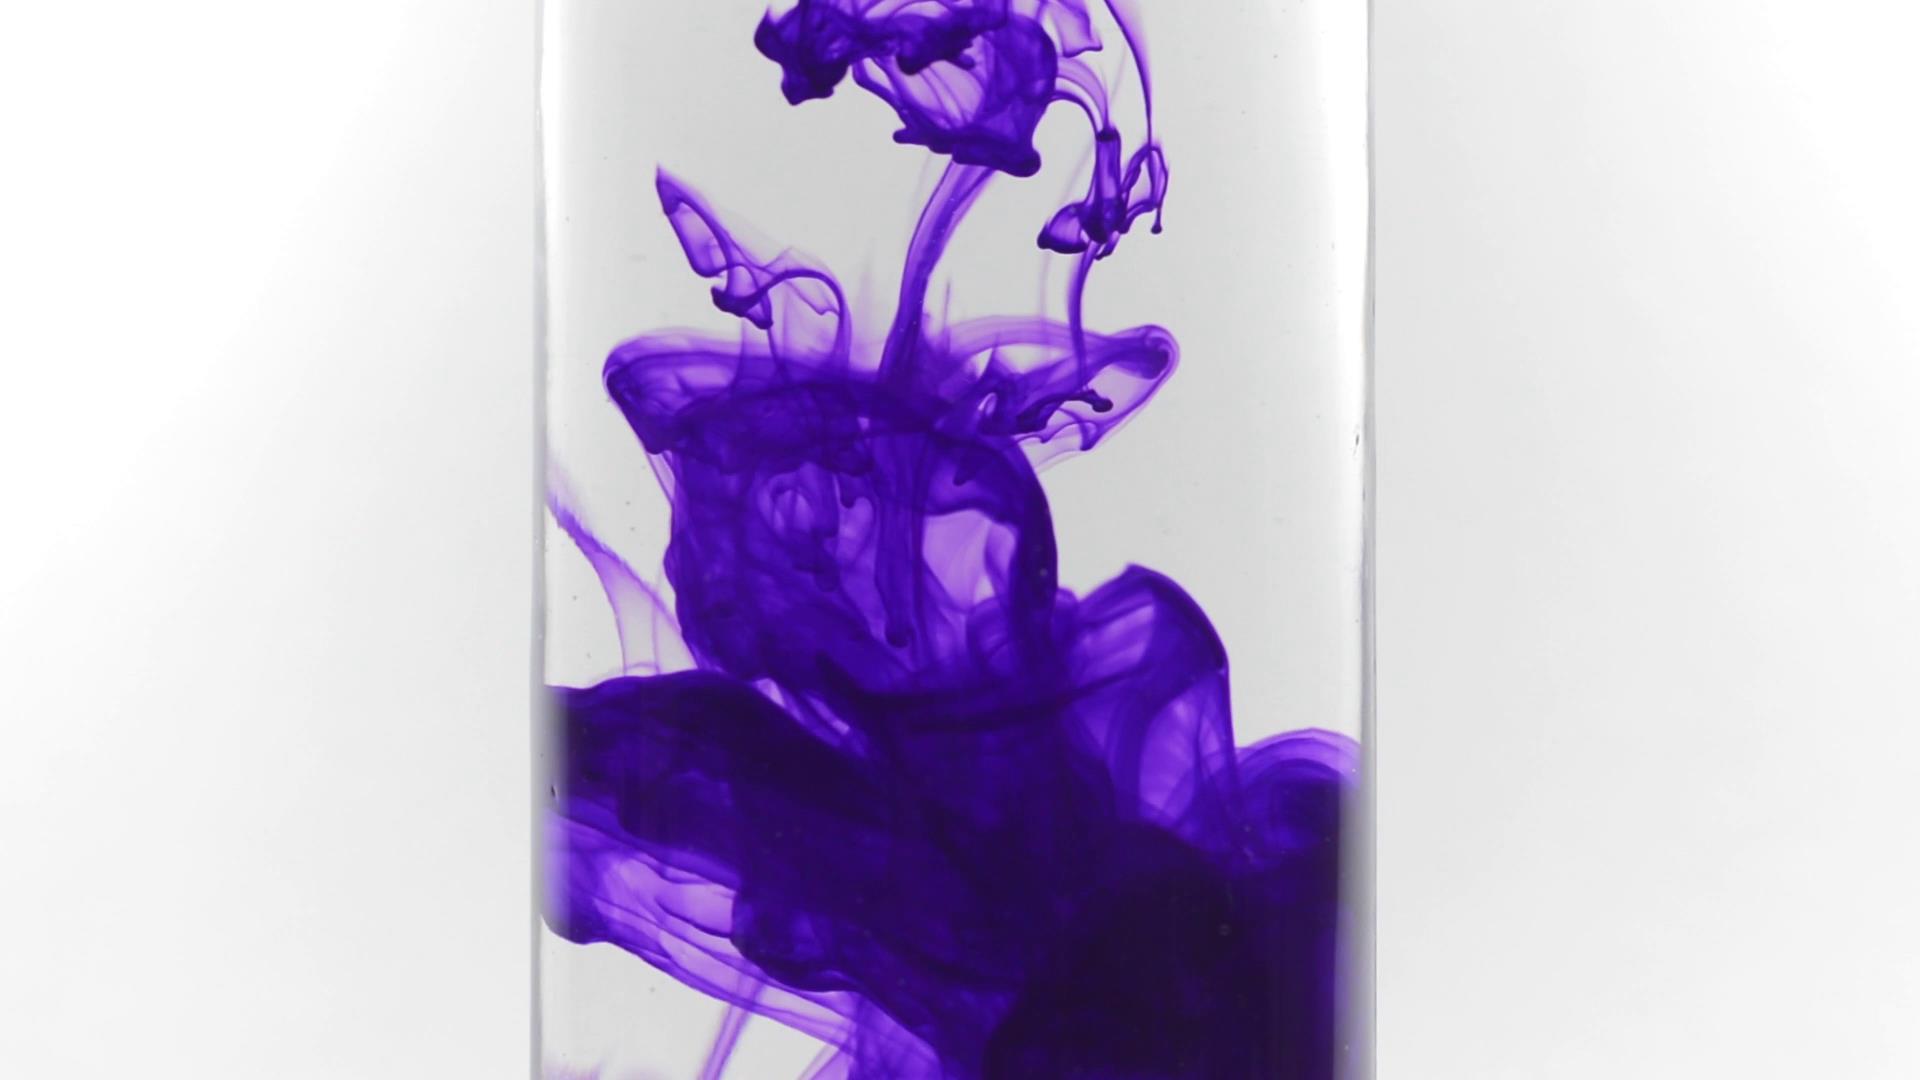 杯中紫色墨水滴入水中运动视频素材